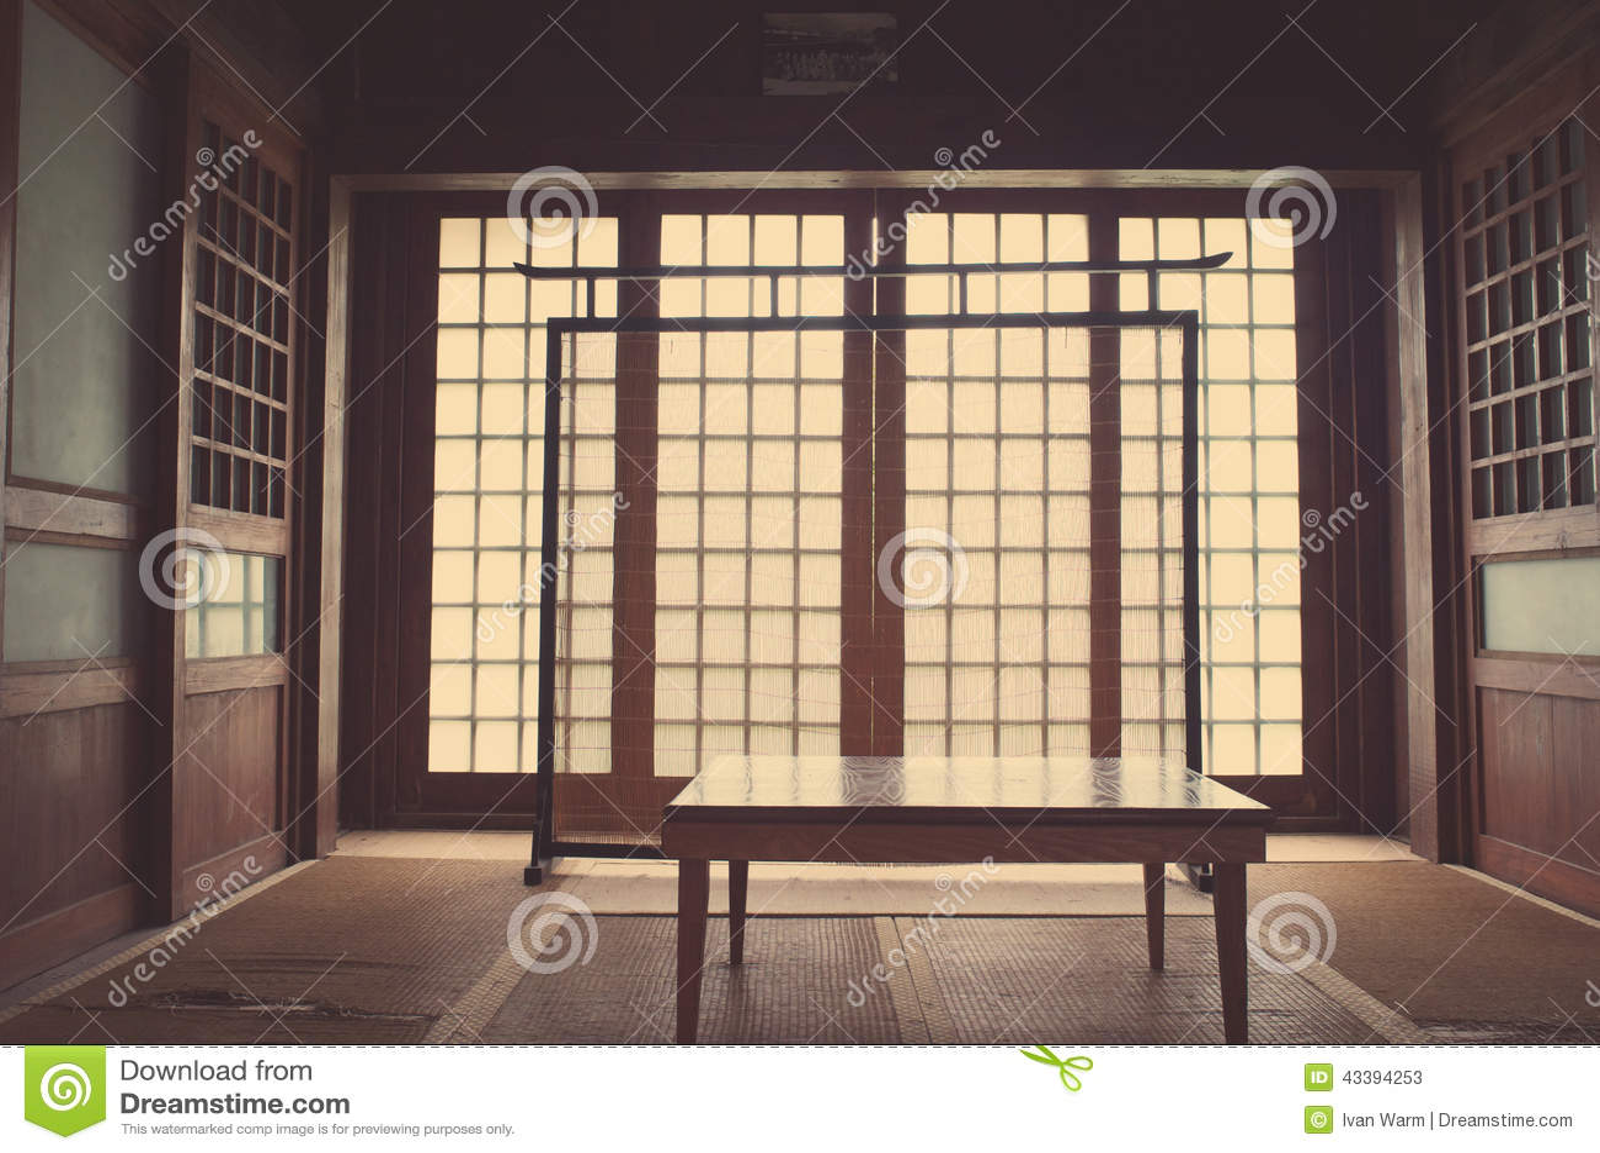 Camera Da Letto Giapponese Fotografia Stock - Immagine: 43394253